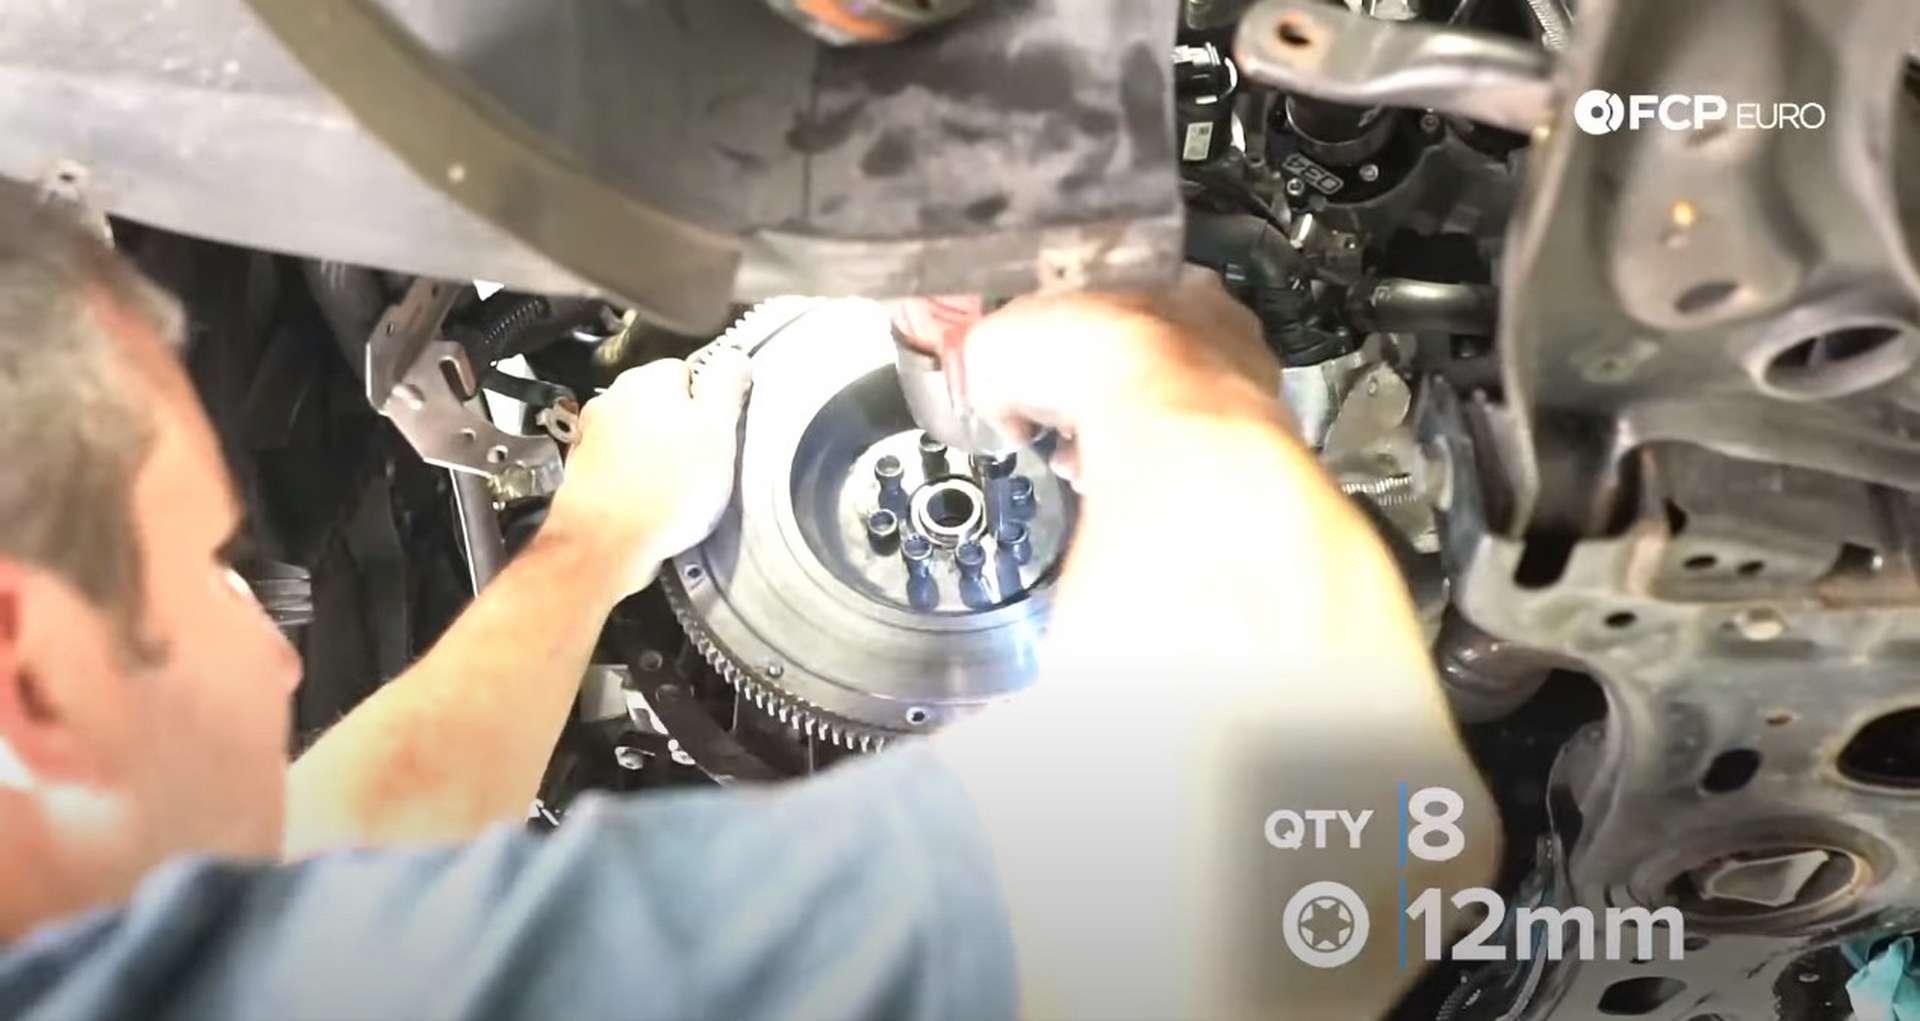 46-DIY_VW_GTI_Clutch-Job-Removing-Clutch